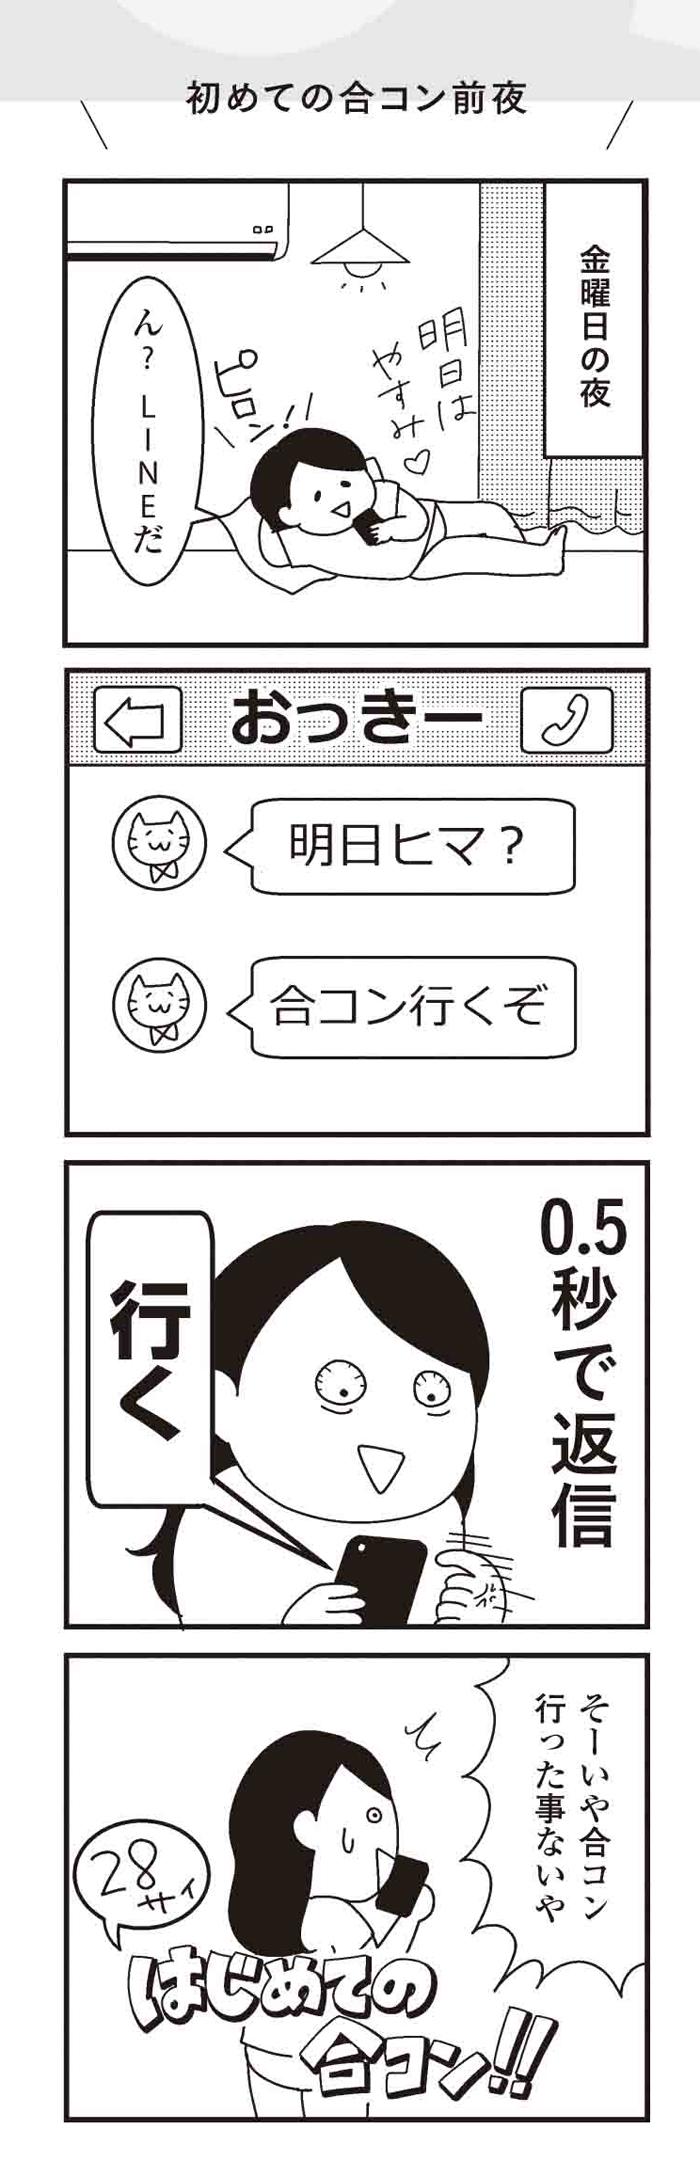 biku_006